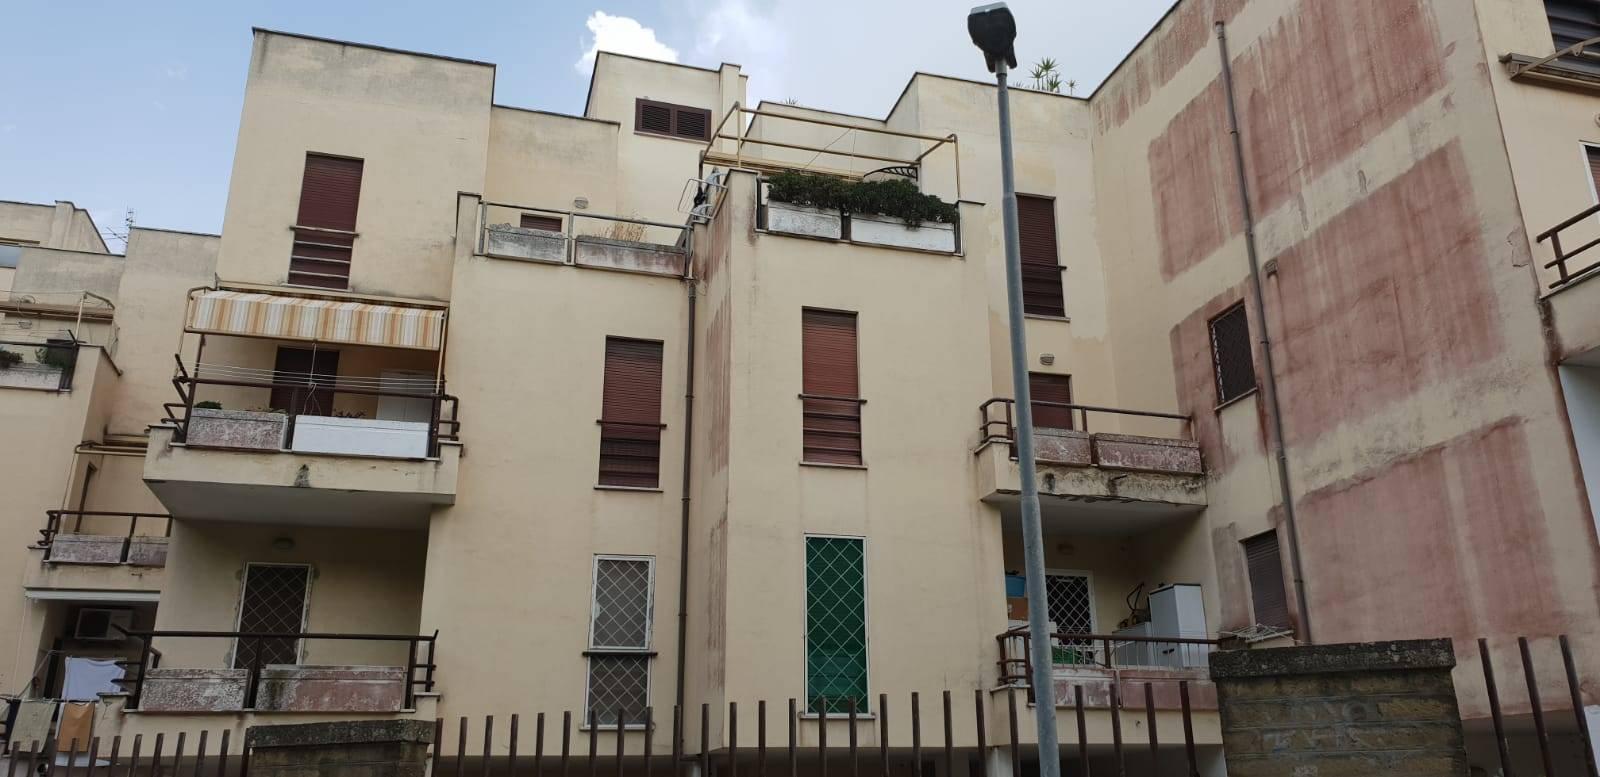 Appartamento in vendita a Nettuno, 3 locali, zona Località: loricina, prezzo € 79.000 | PortaleAgenzieImmobiliari.it